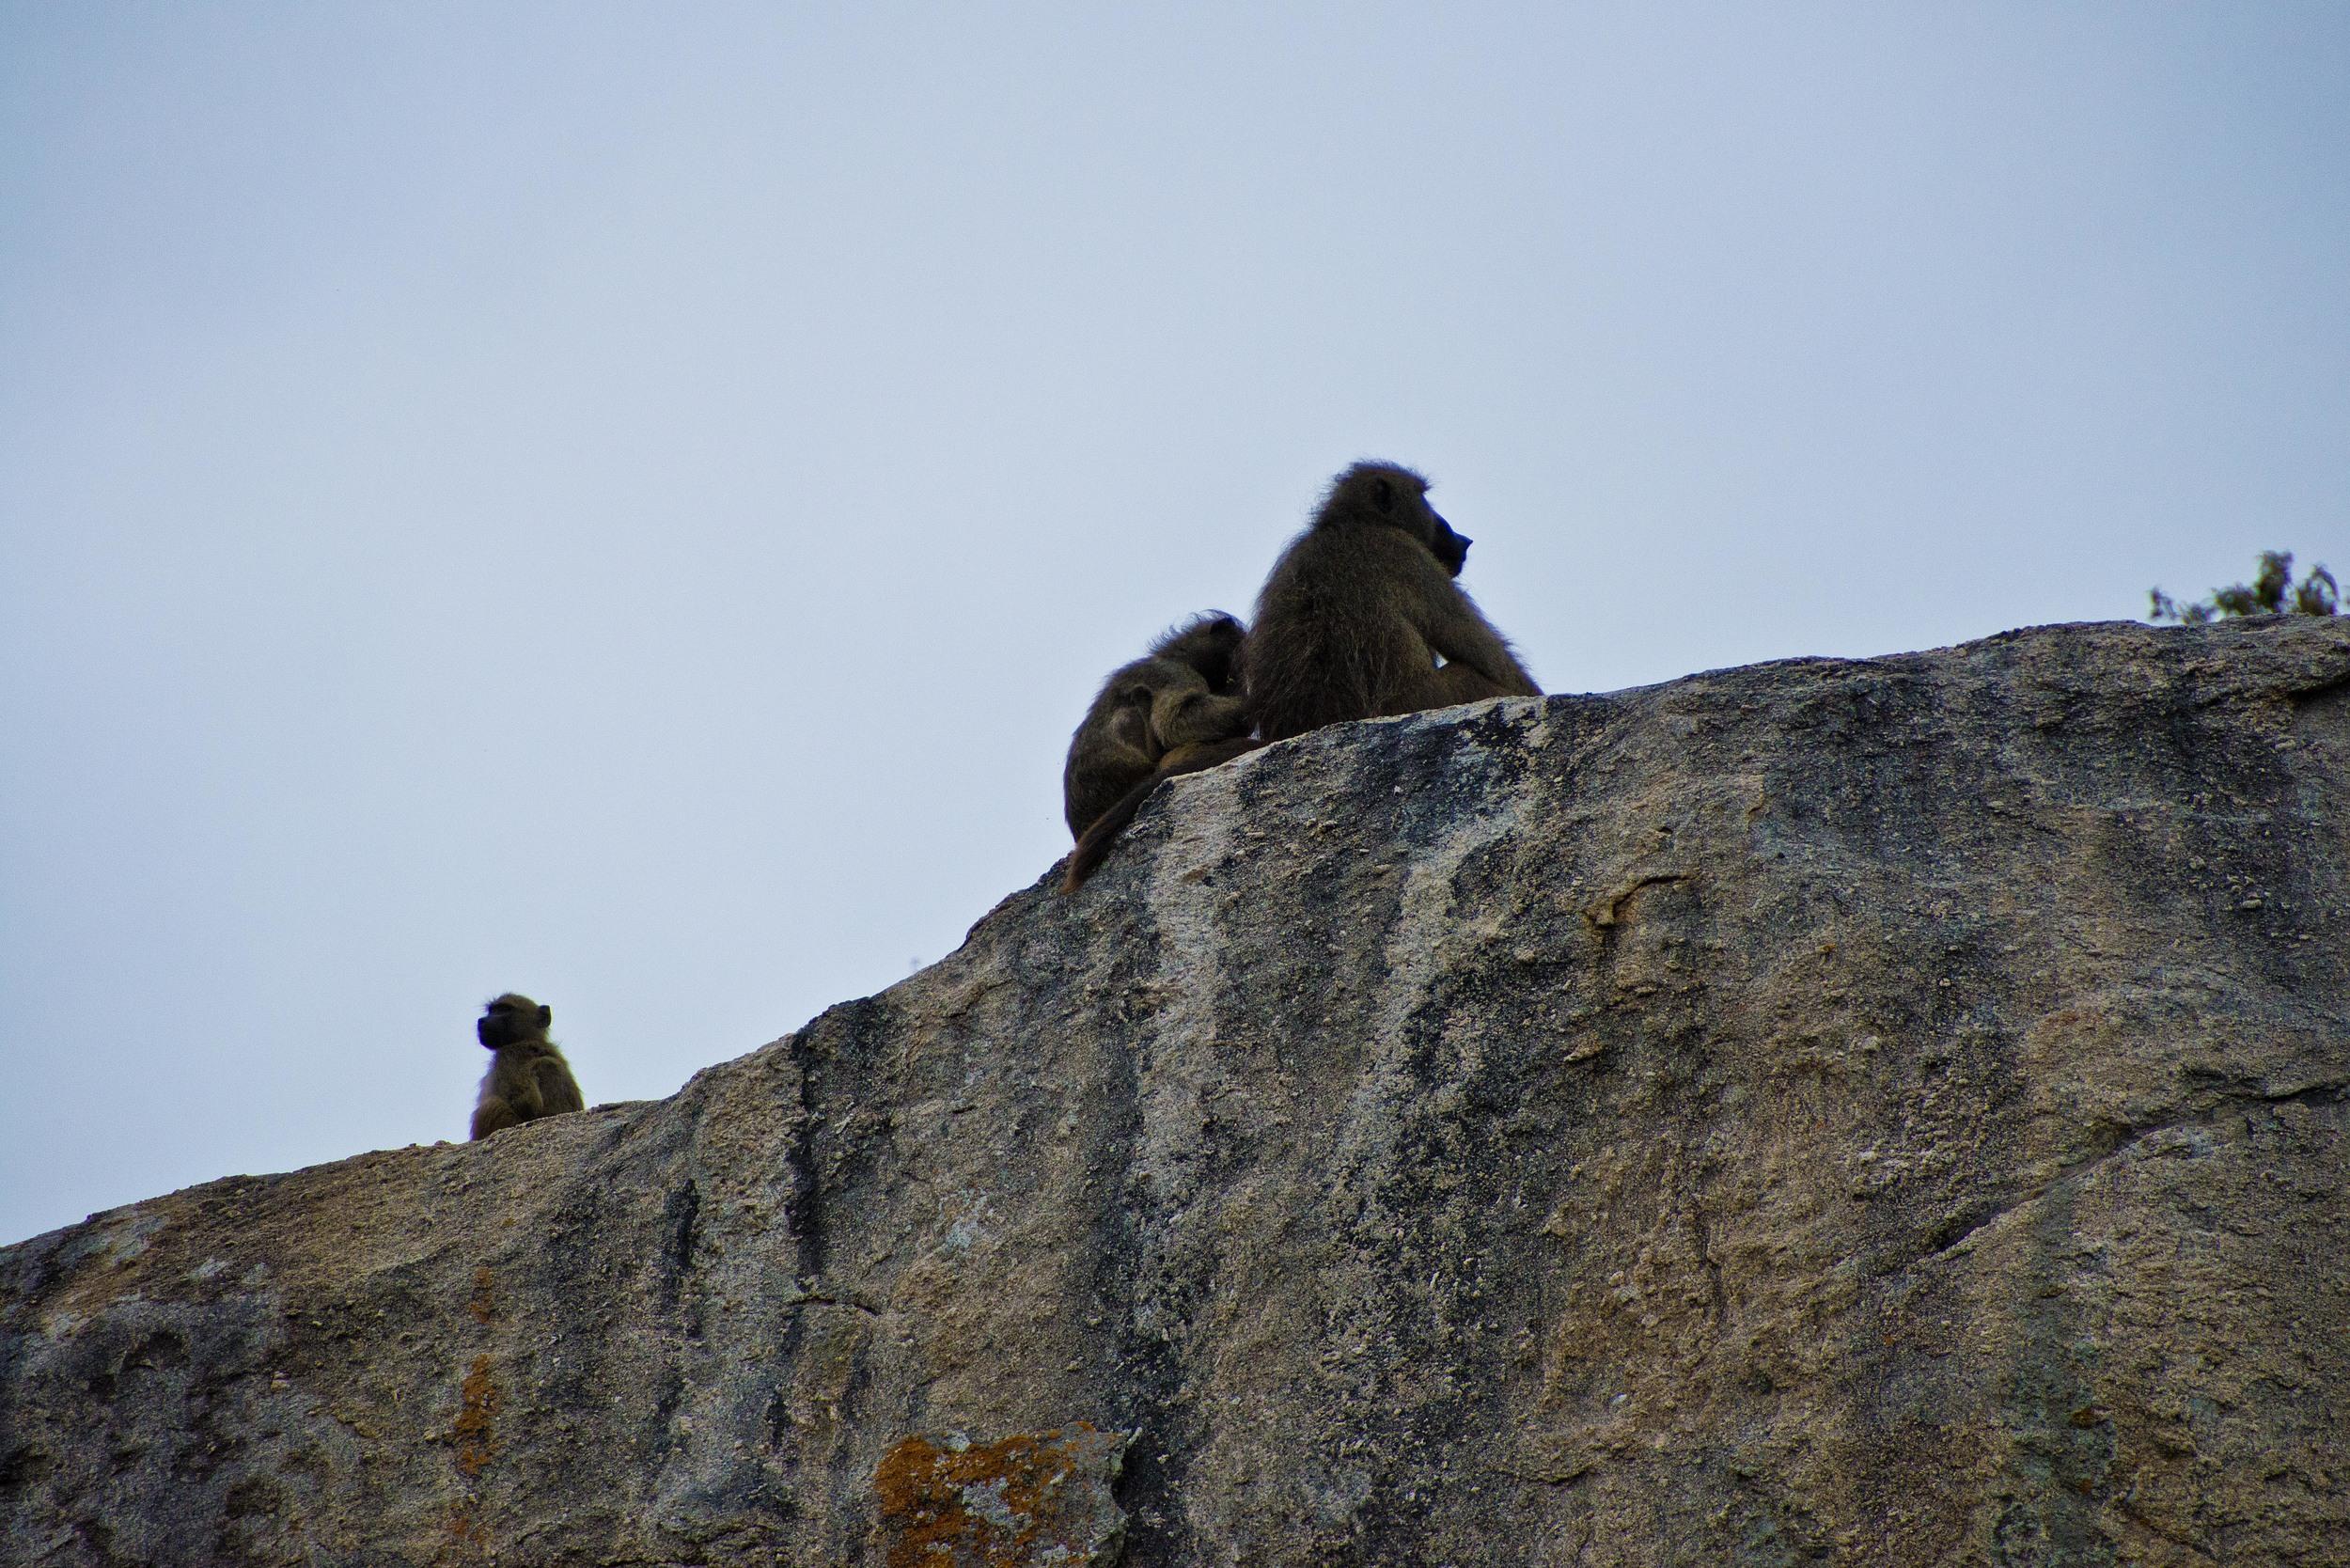 130420_DSC4151 Baboons on Rock.jpg